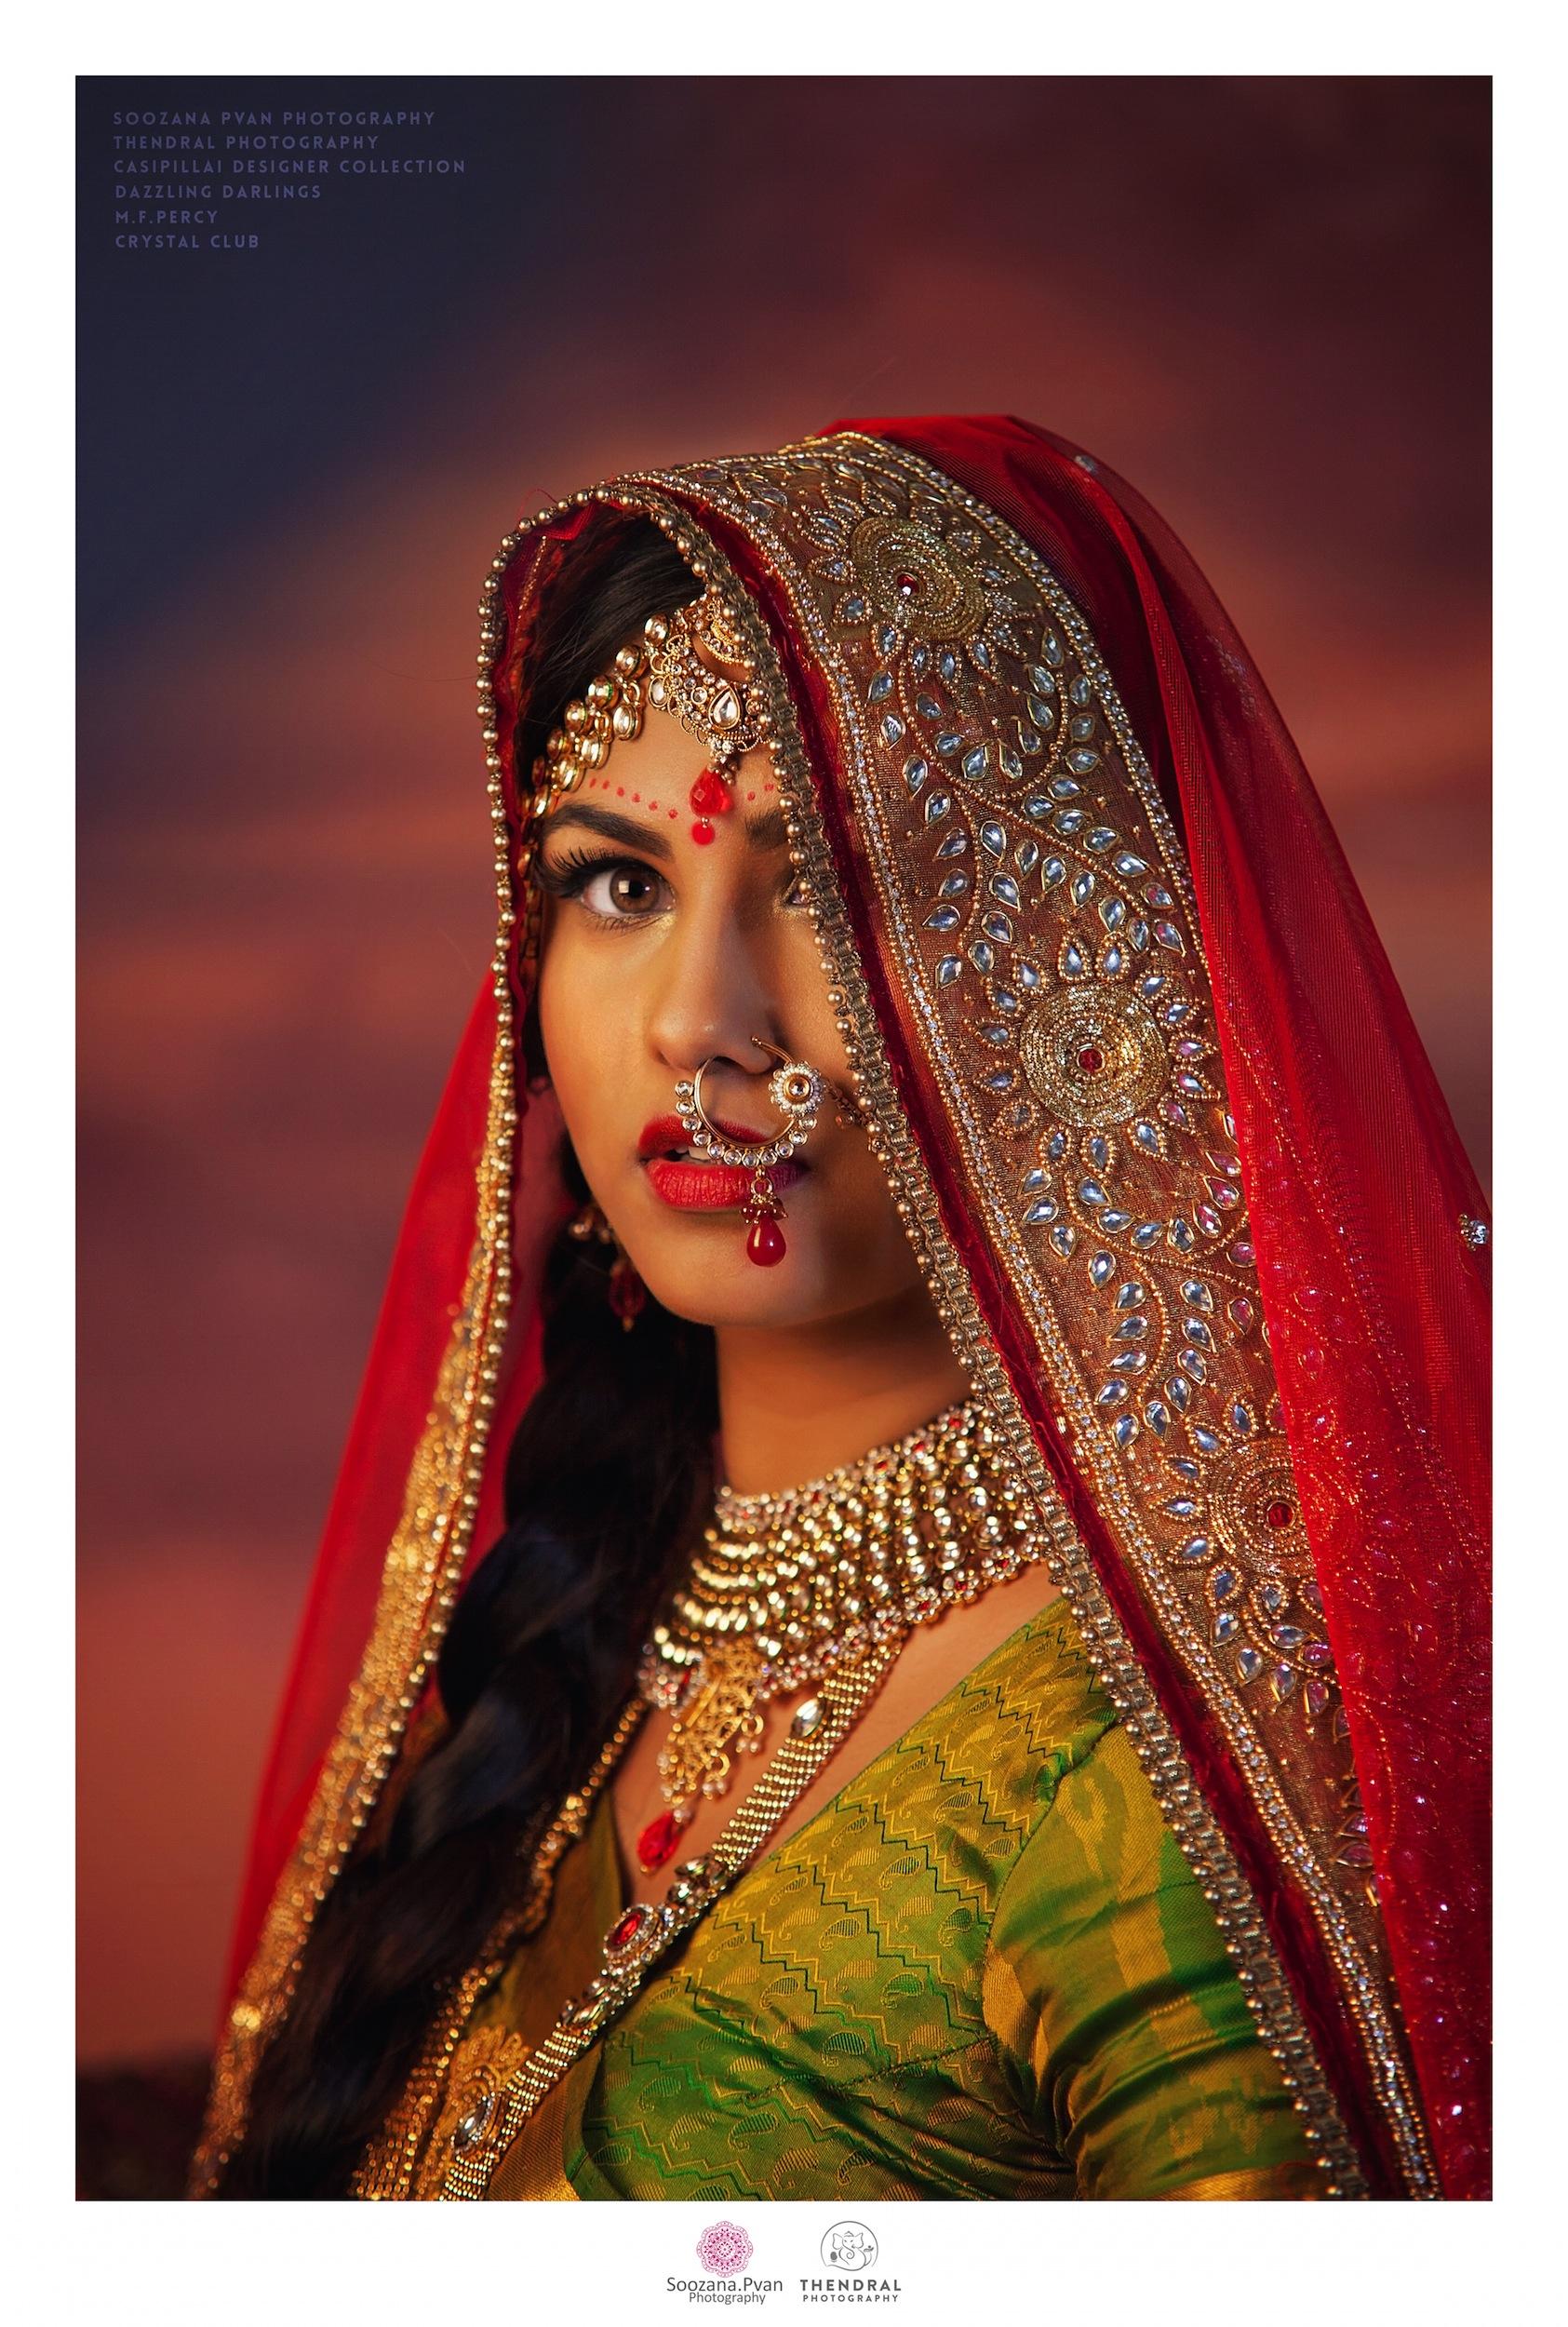 JLRoyal Rajasthan 1.jpg